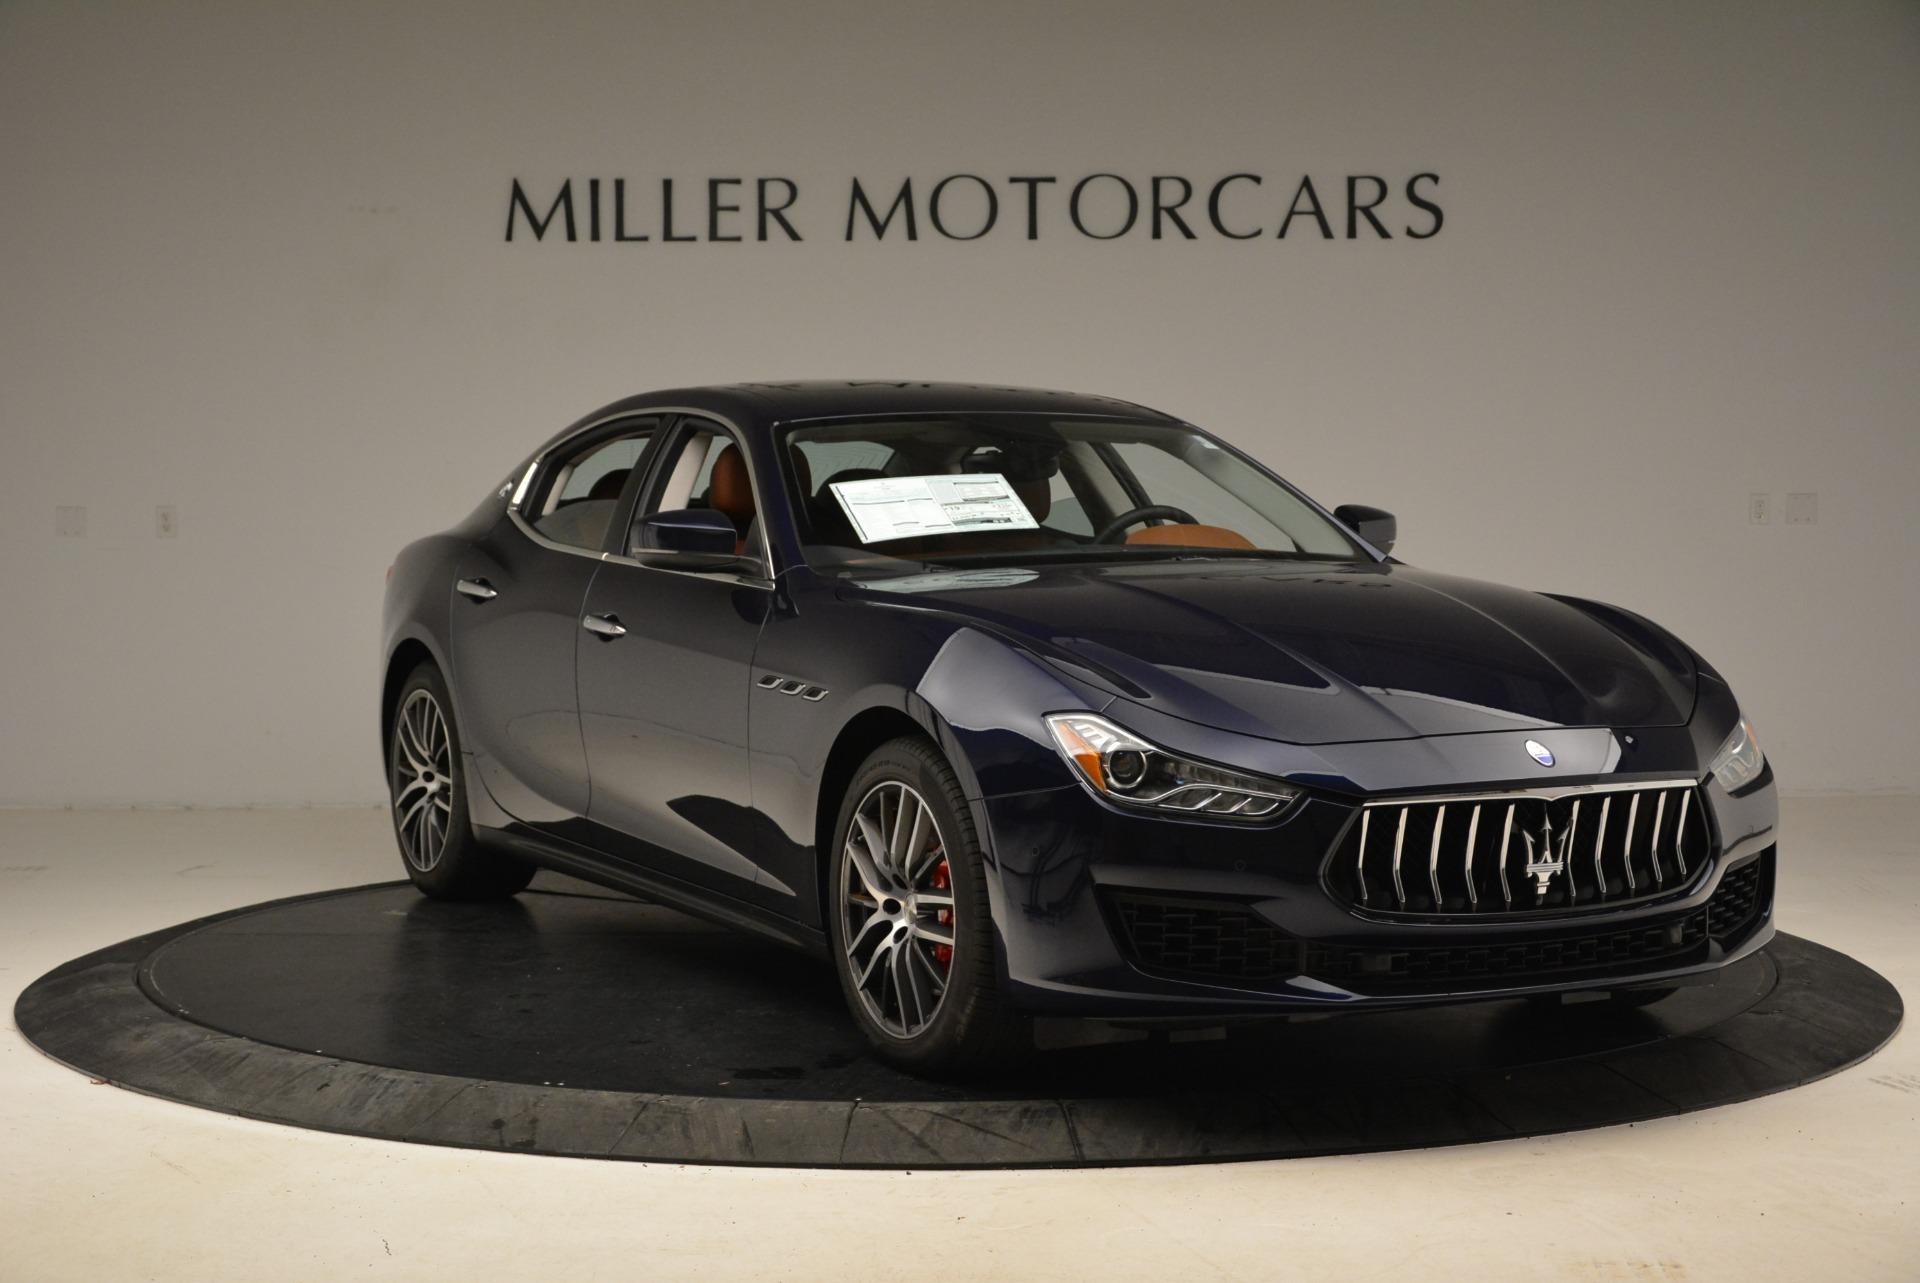 New 2018 Maserati Ghibli S Q4 For Sale In Greenwich, CT 1559_p11